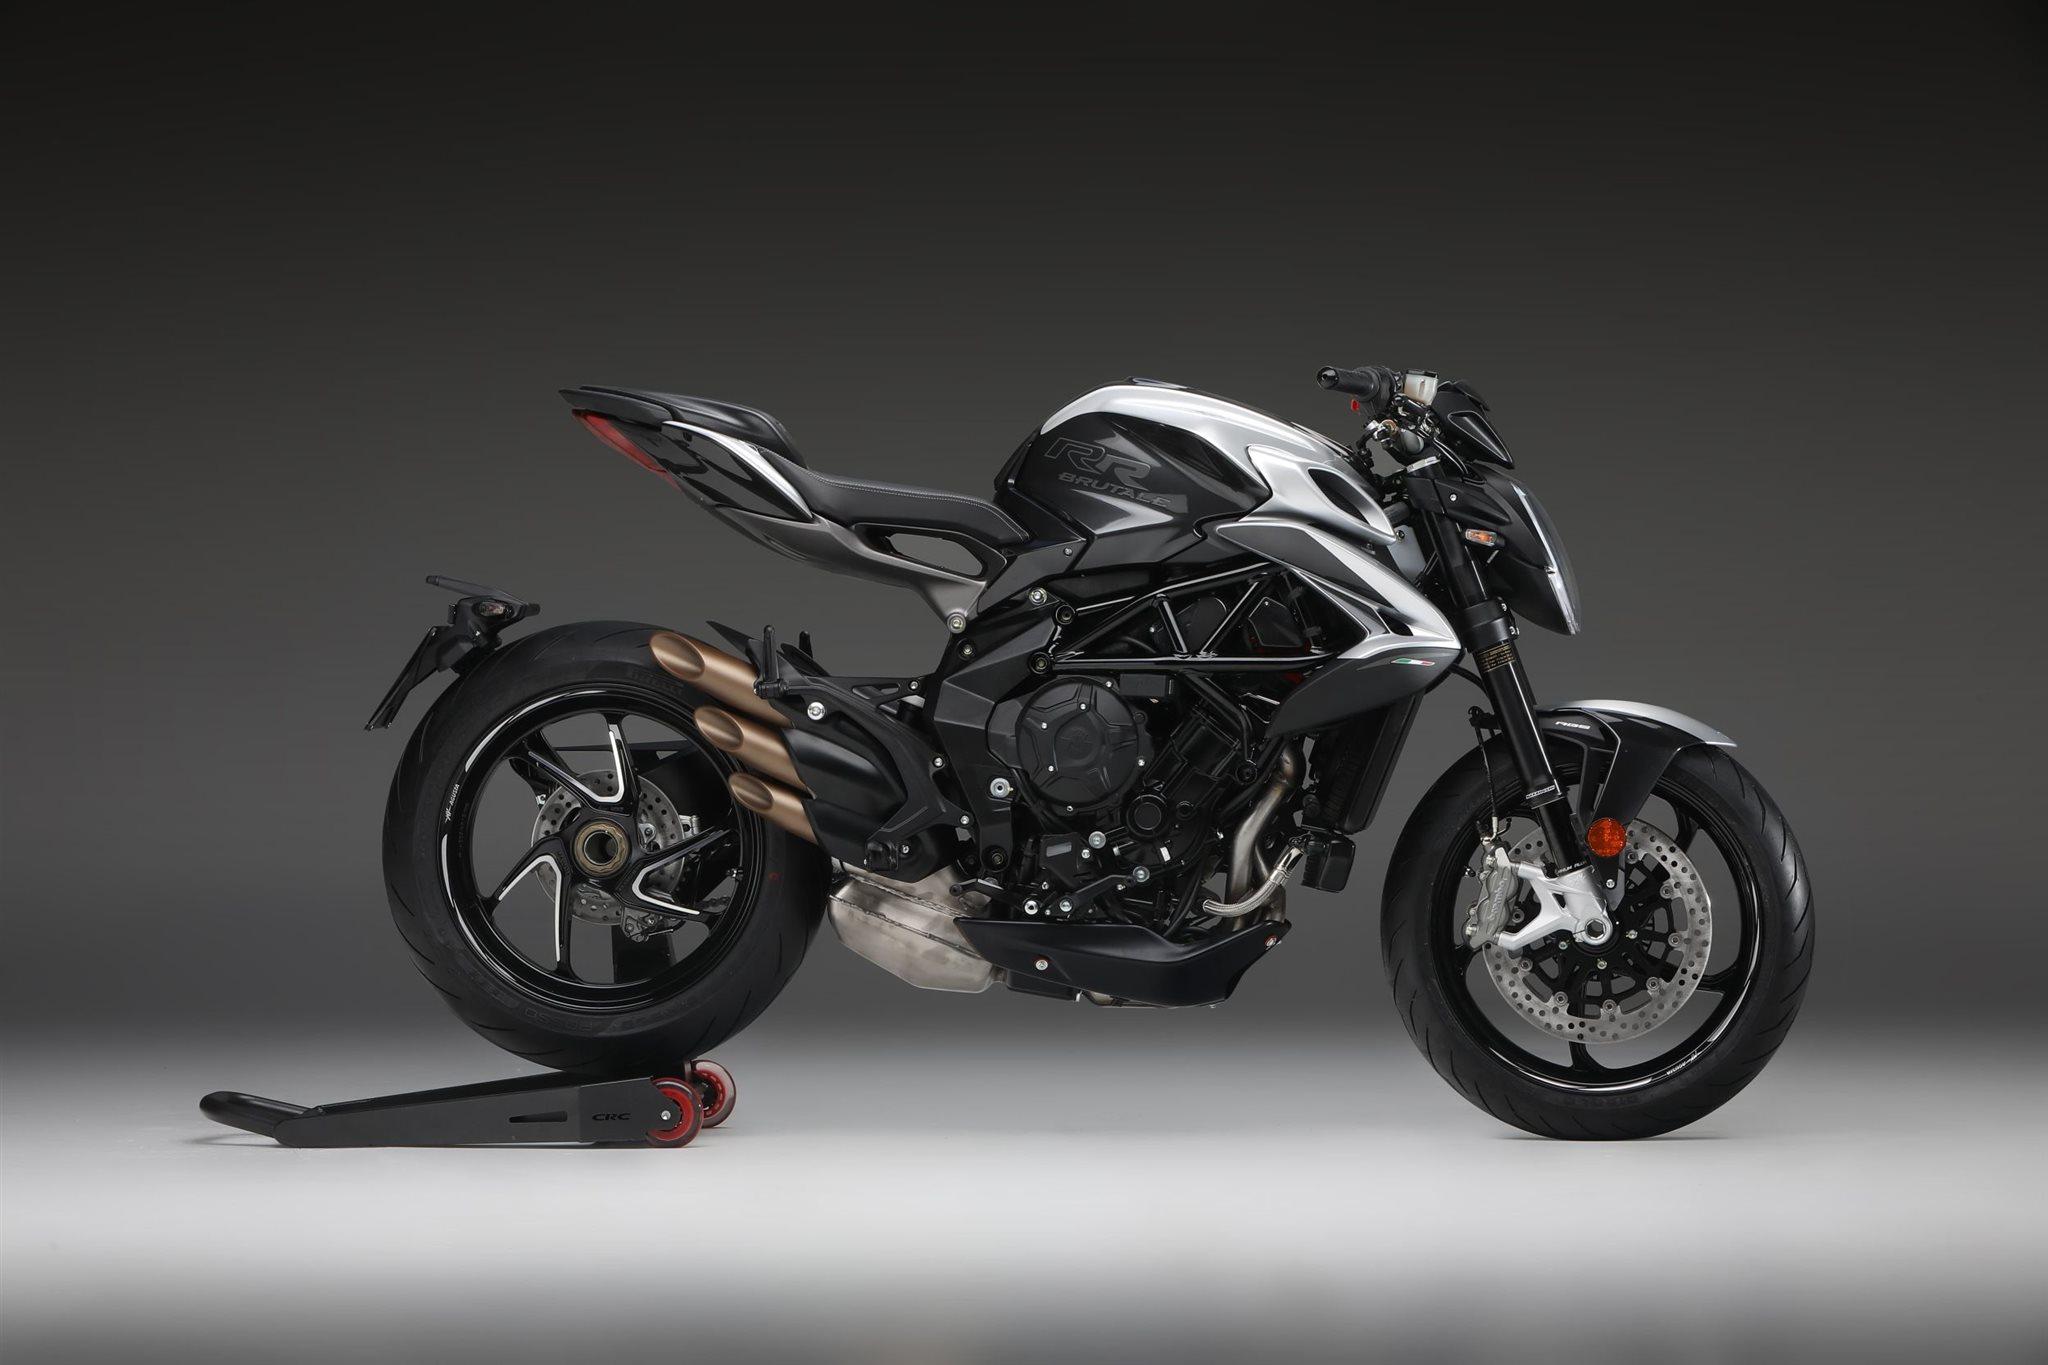 Motorrad Vergleich Mv Agusta Brutale 800 Rr 2020 Vs Mv Agusta Dragster 800 2018